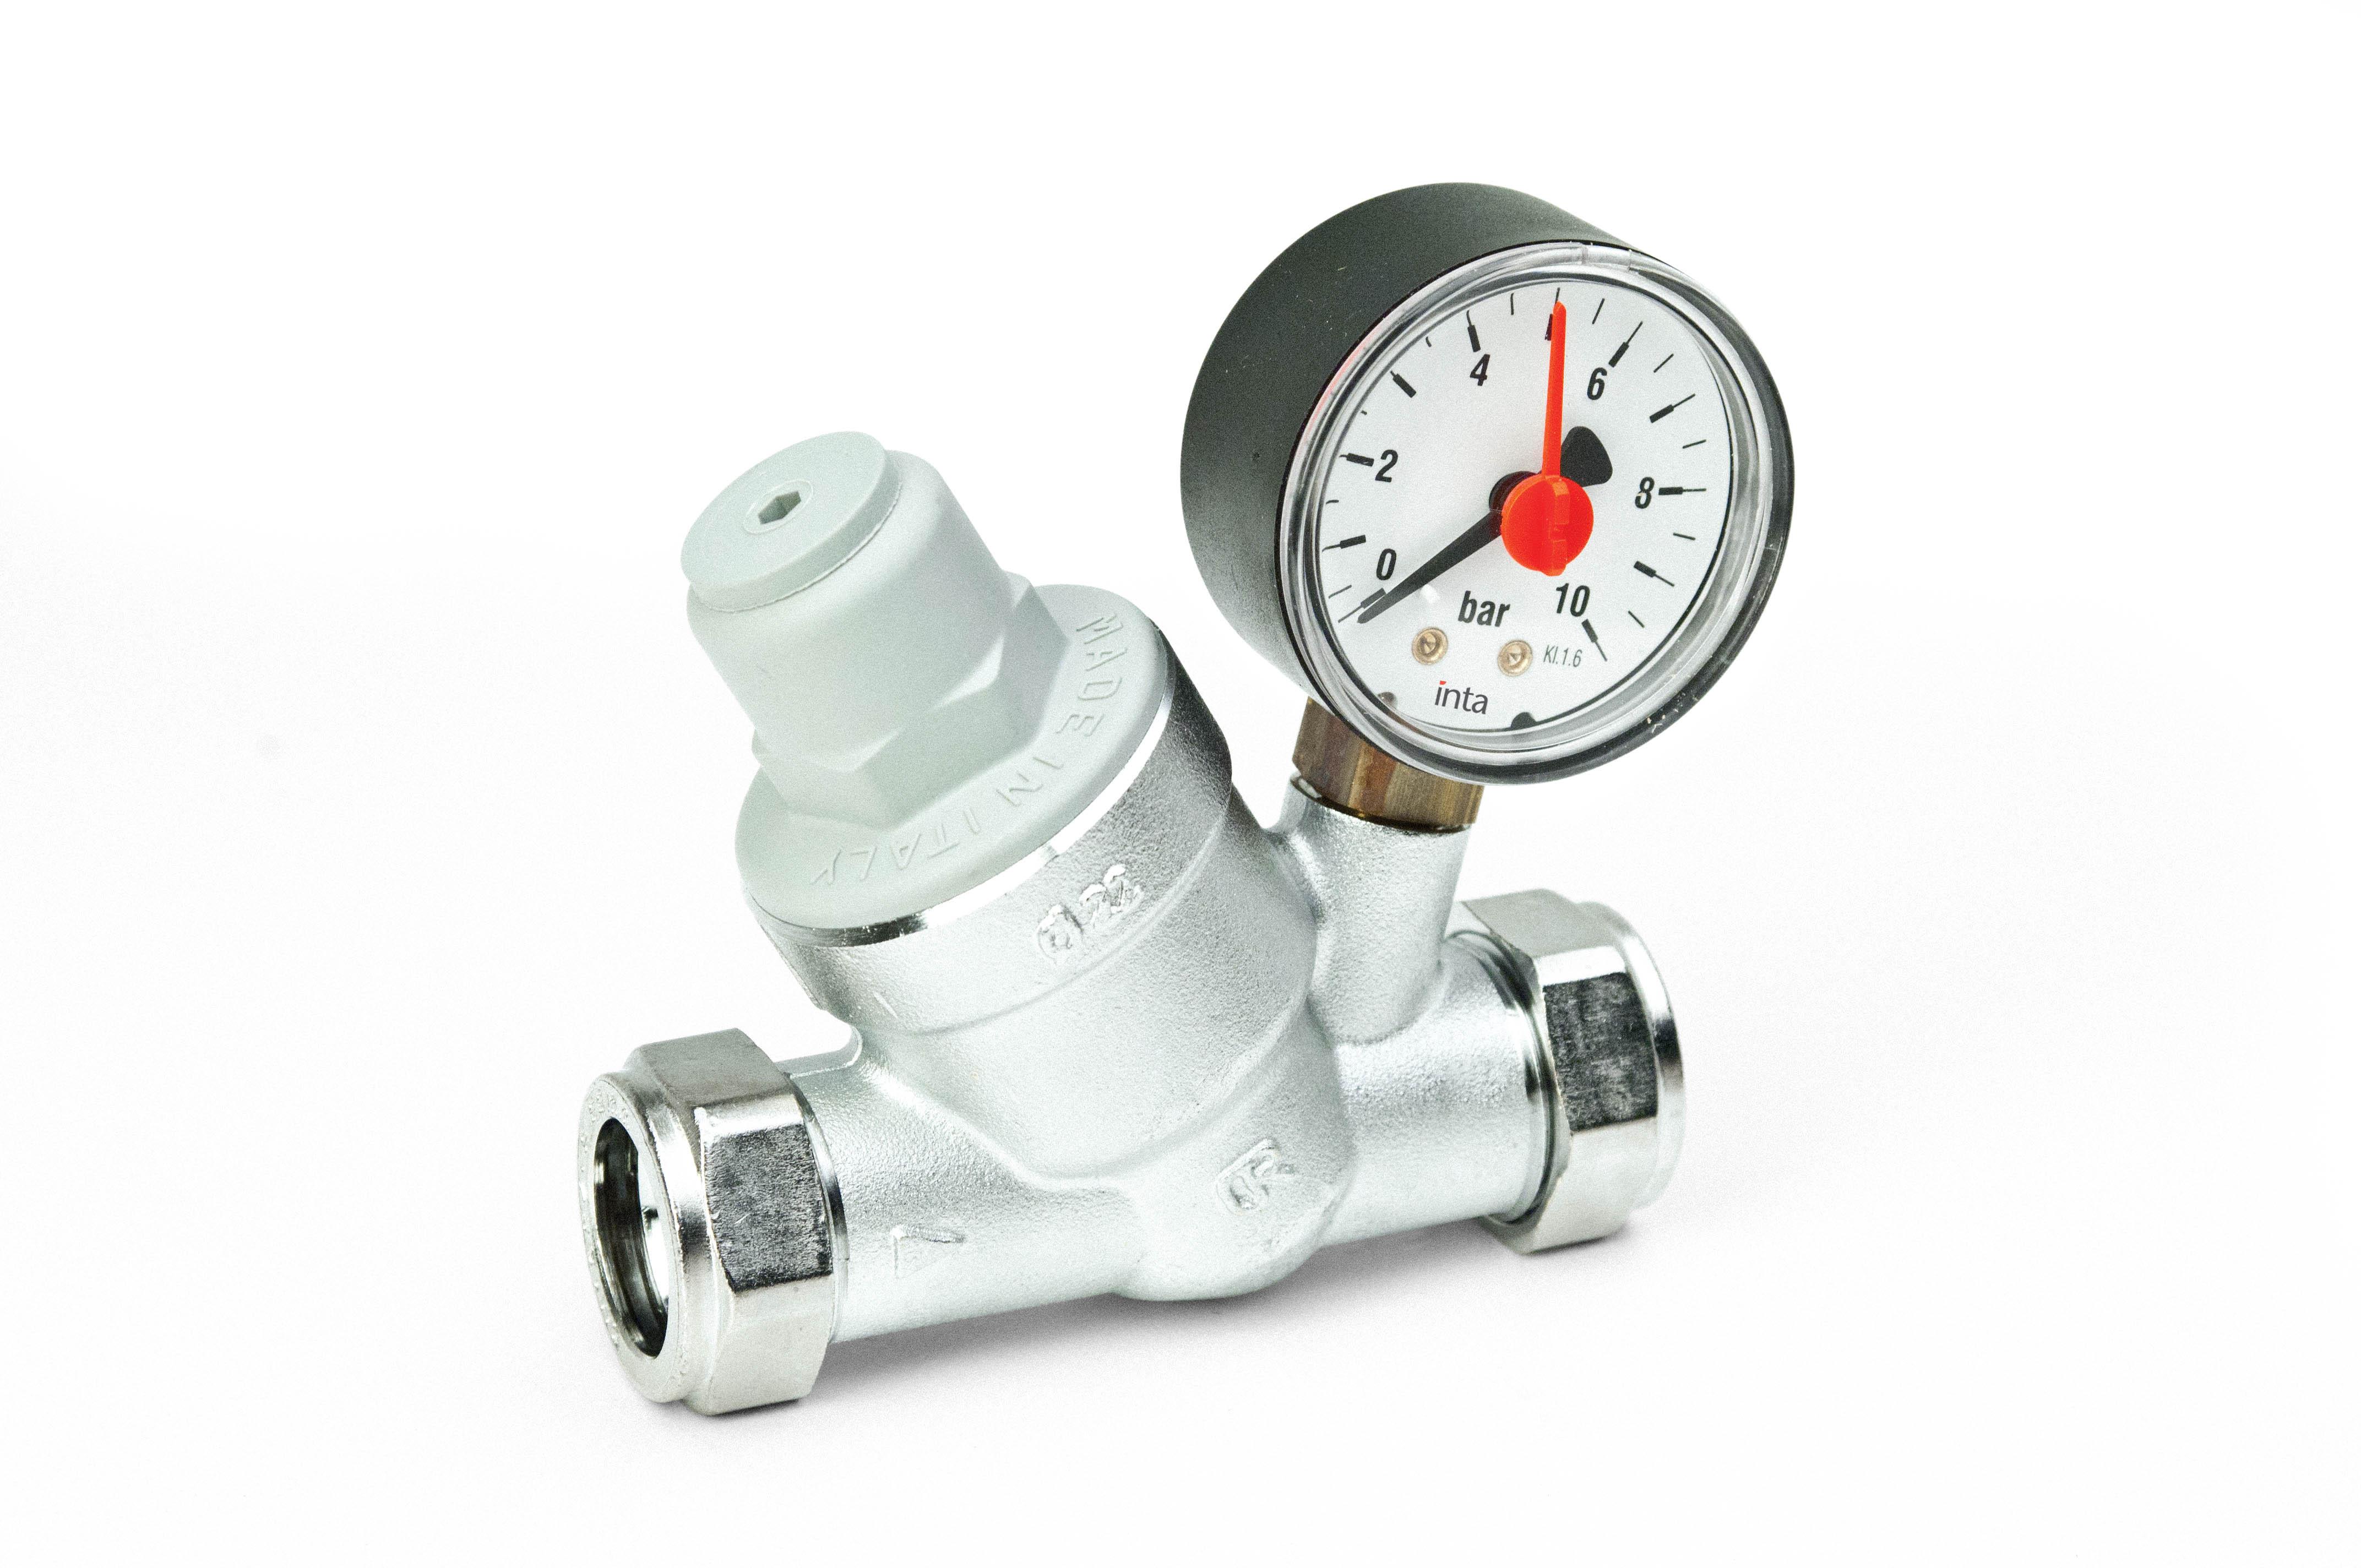 Inta raises the temperature in product development